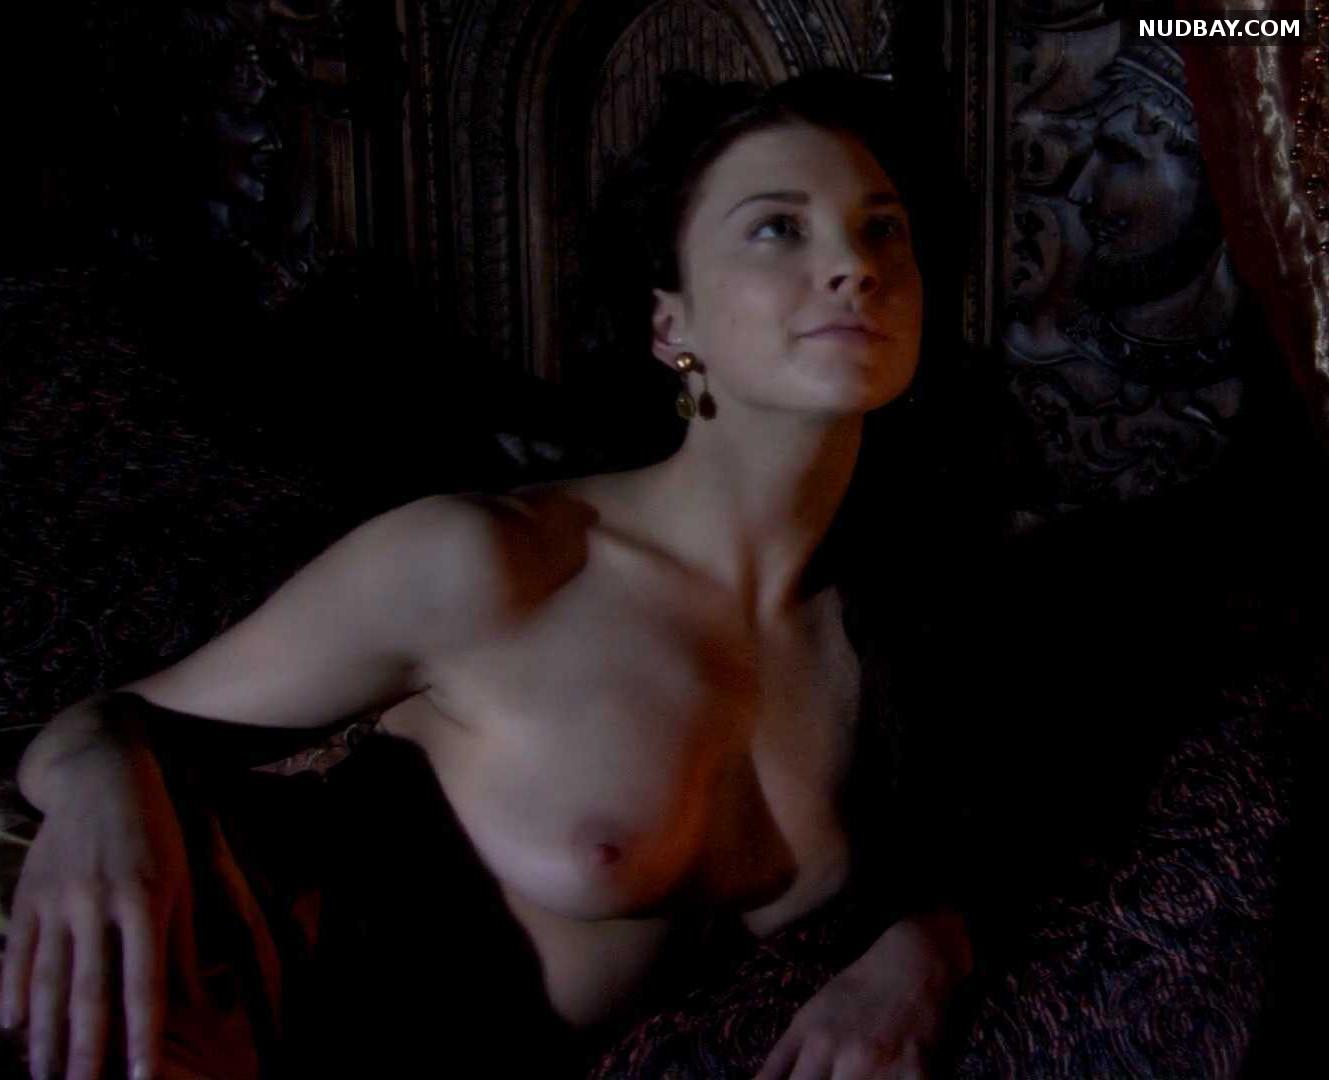 Natalie Dormer nude in The Tudors S02 (2008)